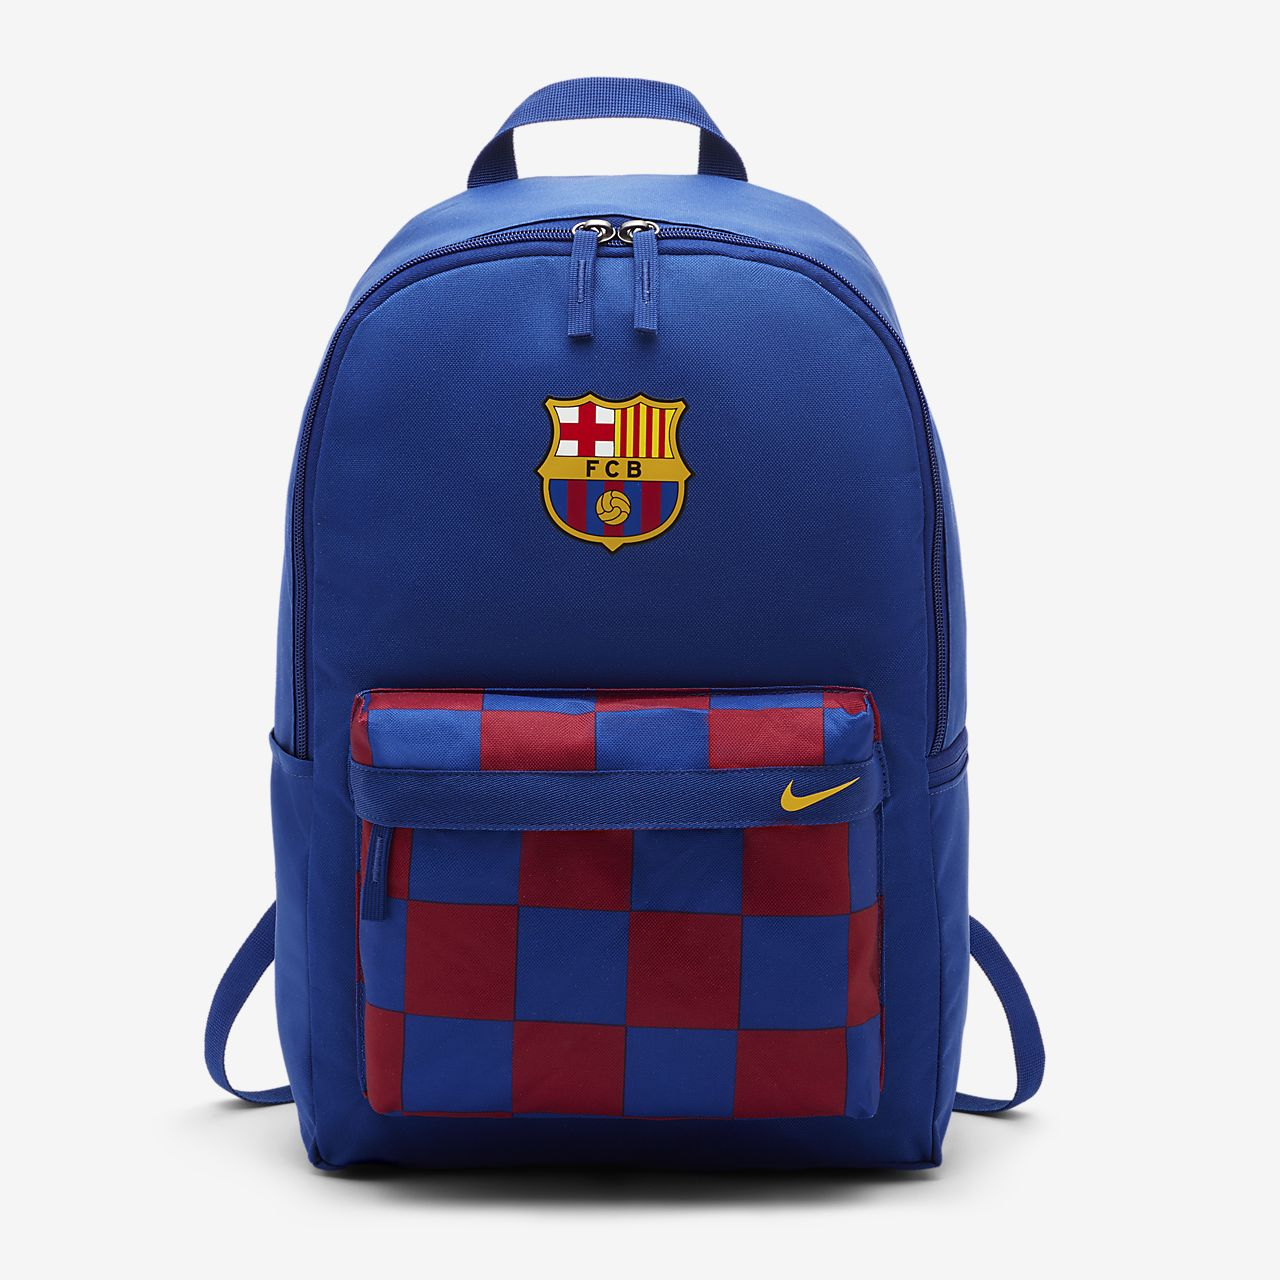 Fc Barcelona Stadium Soccer Backpack